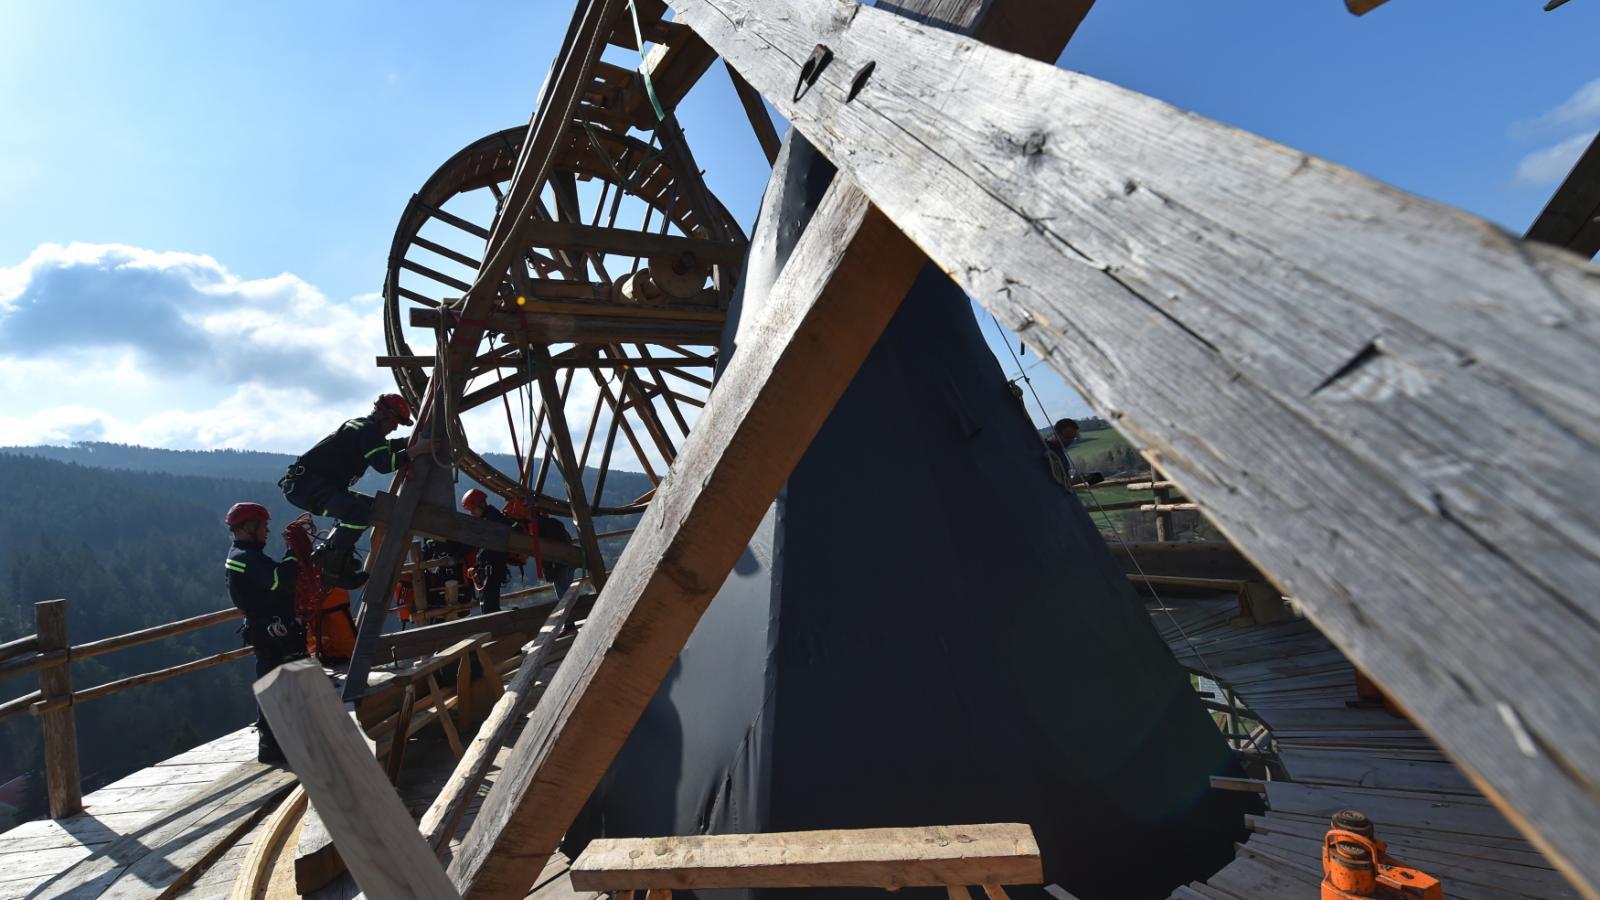 Taktické cvičení záchranného hasičského sboru na věži Jakobínka